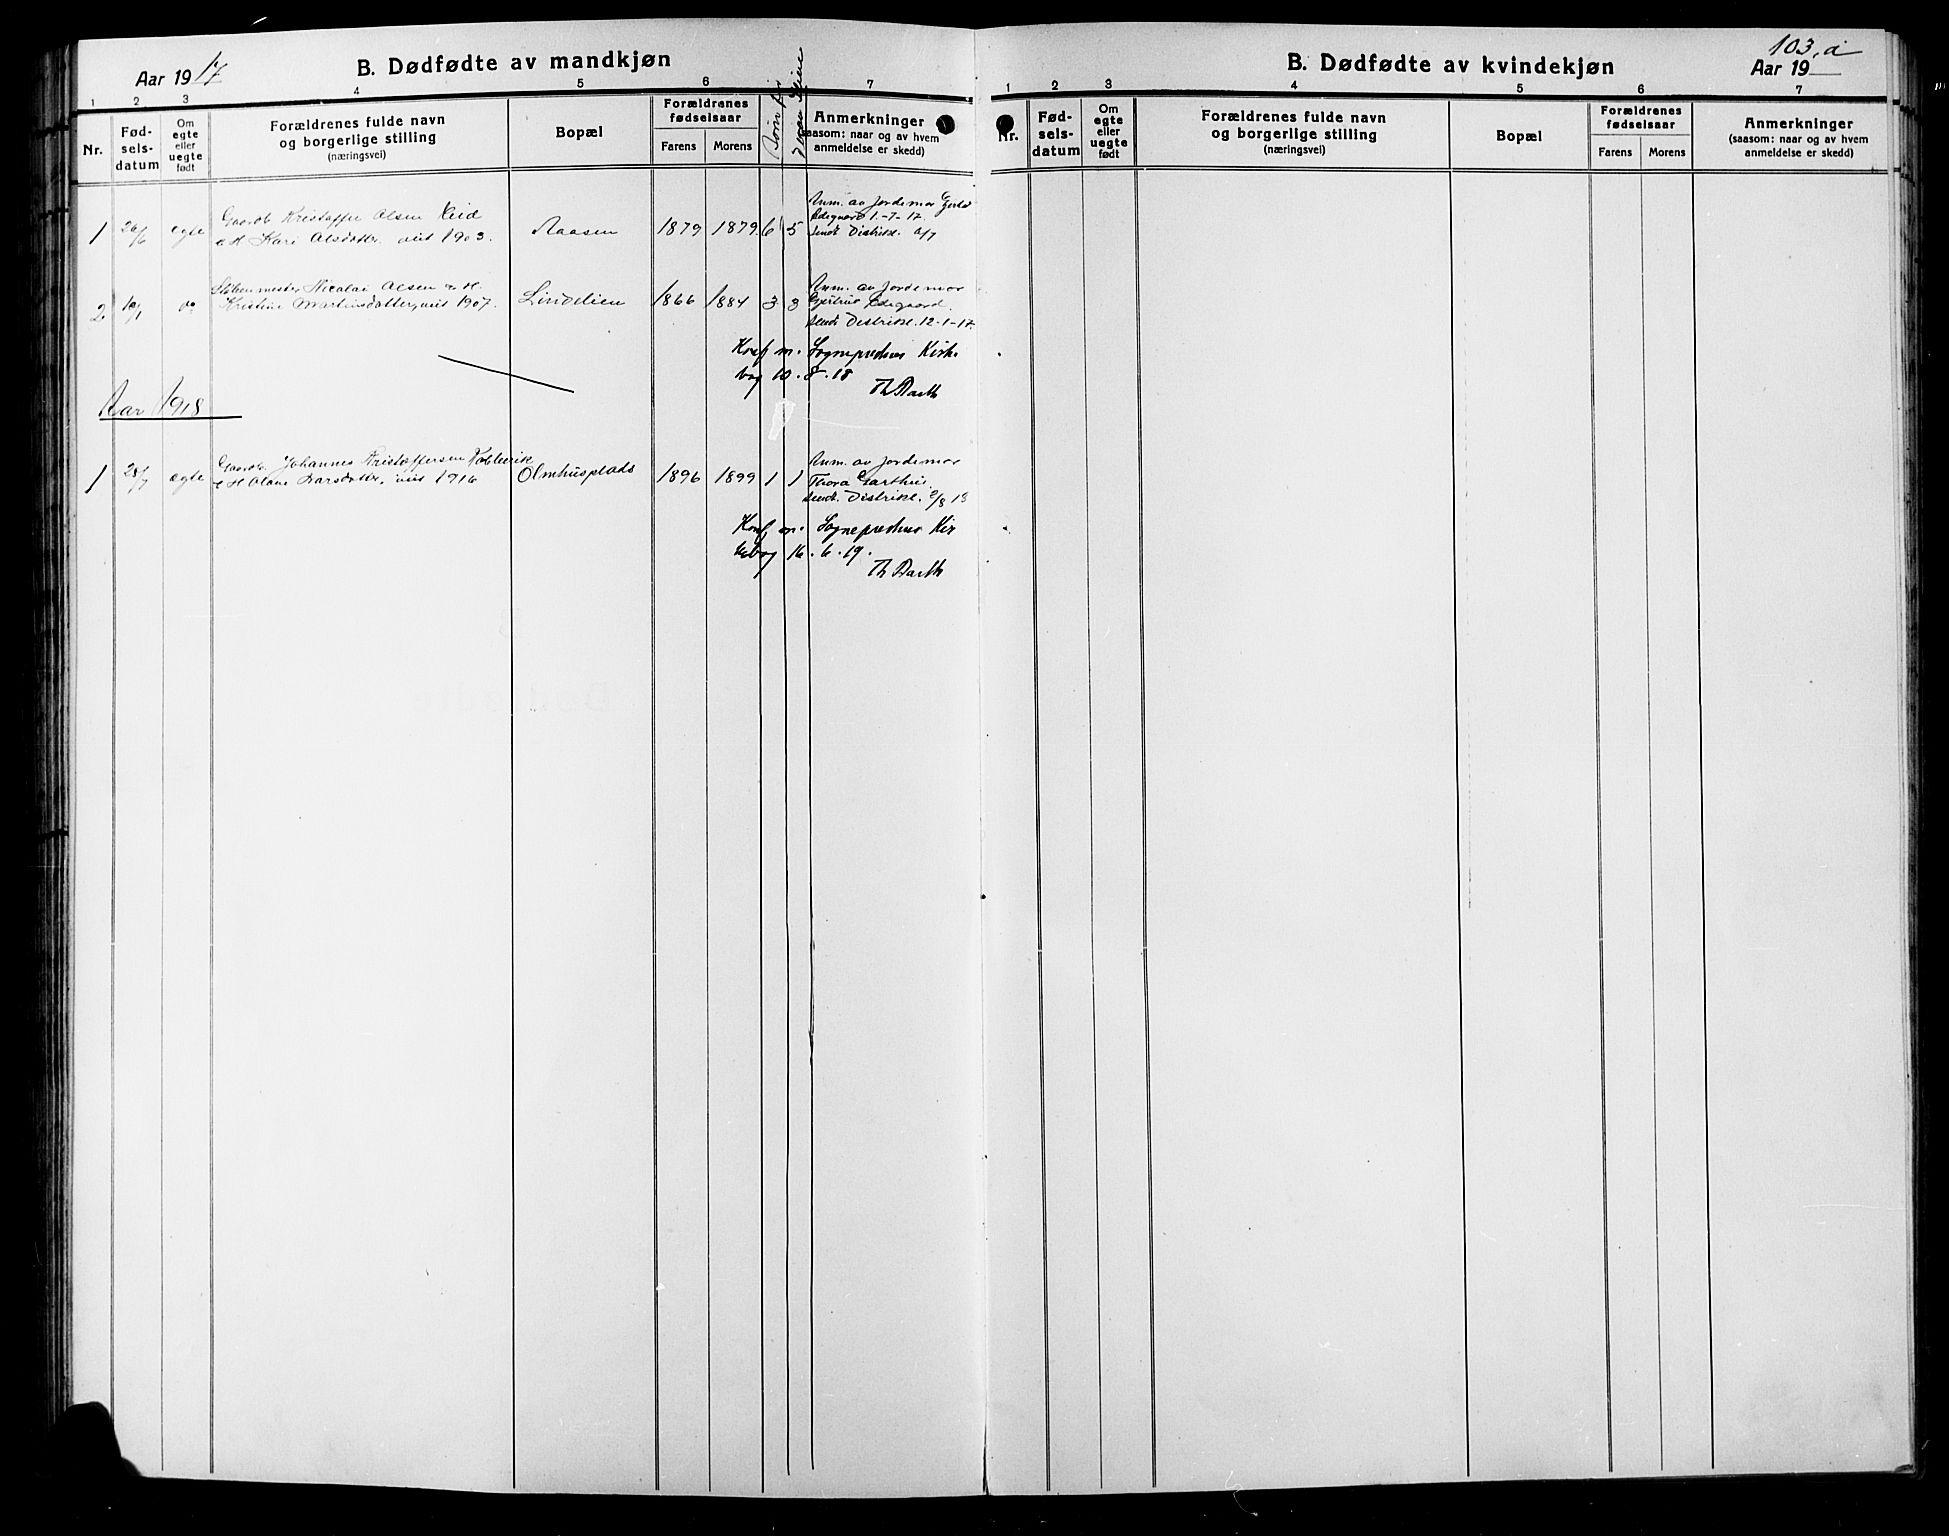 SAH, Sør-Aurdal prestekontor, Klokkerbok nr. 9, 1894-1924, s. 103b